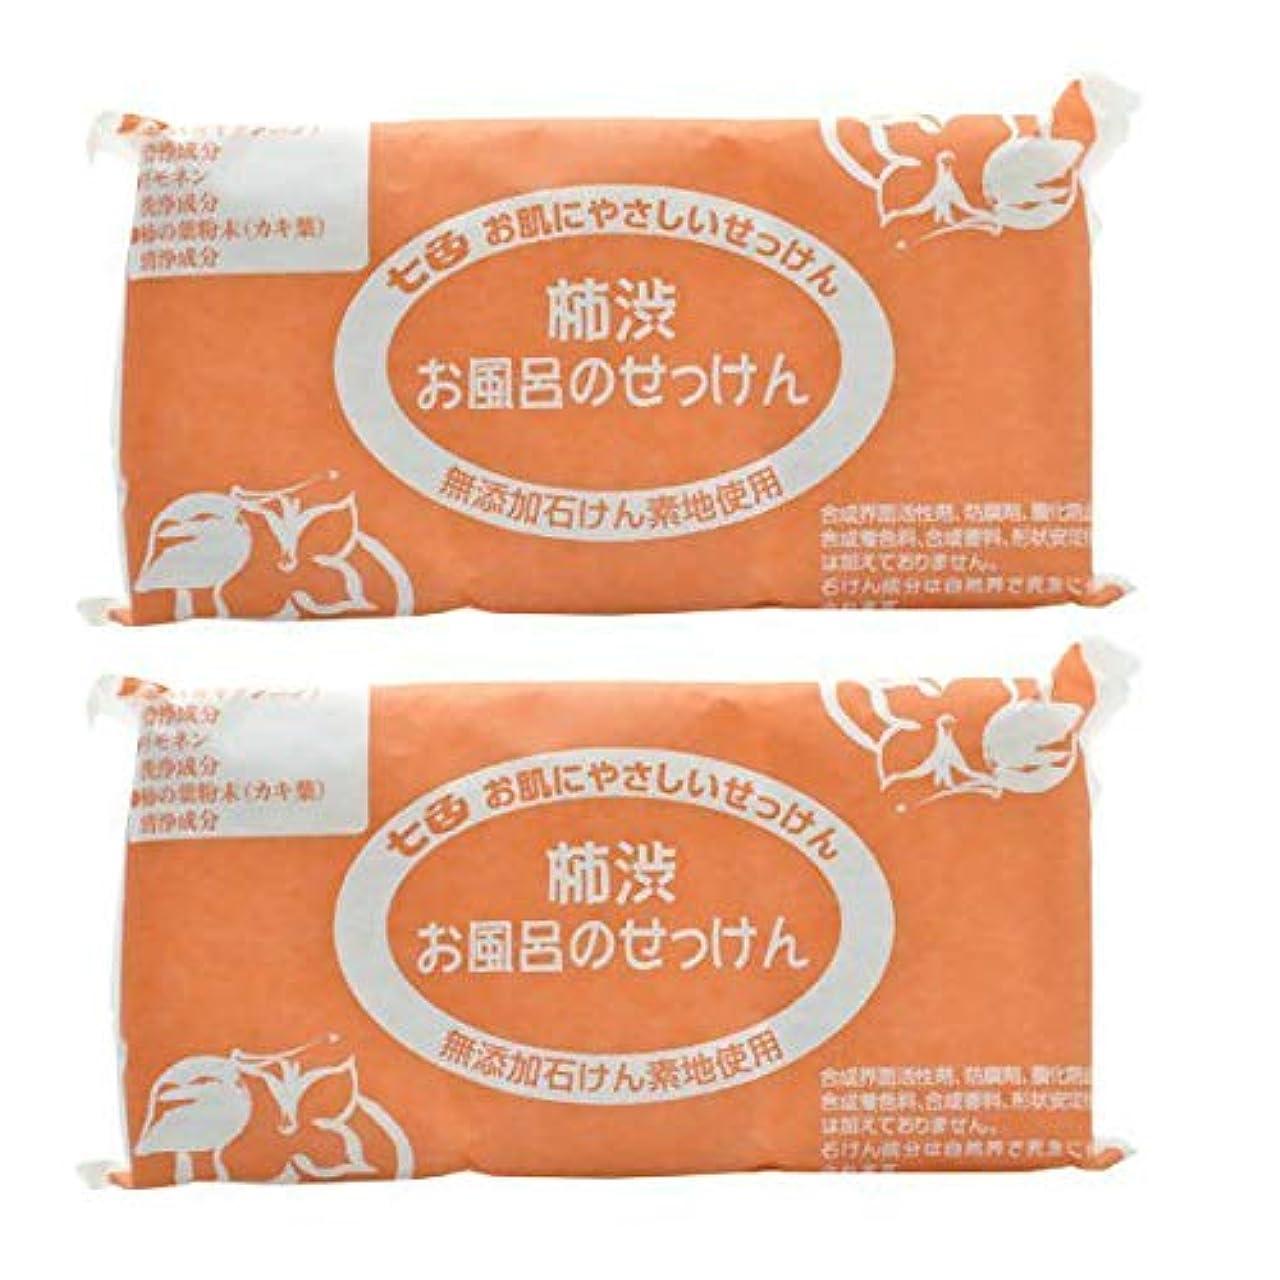 優れました裏切り者幾何学七色 お風呂のせっけん 柿渋(無添加石鹸) 100g×3個入×2セット